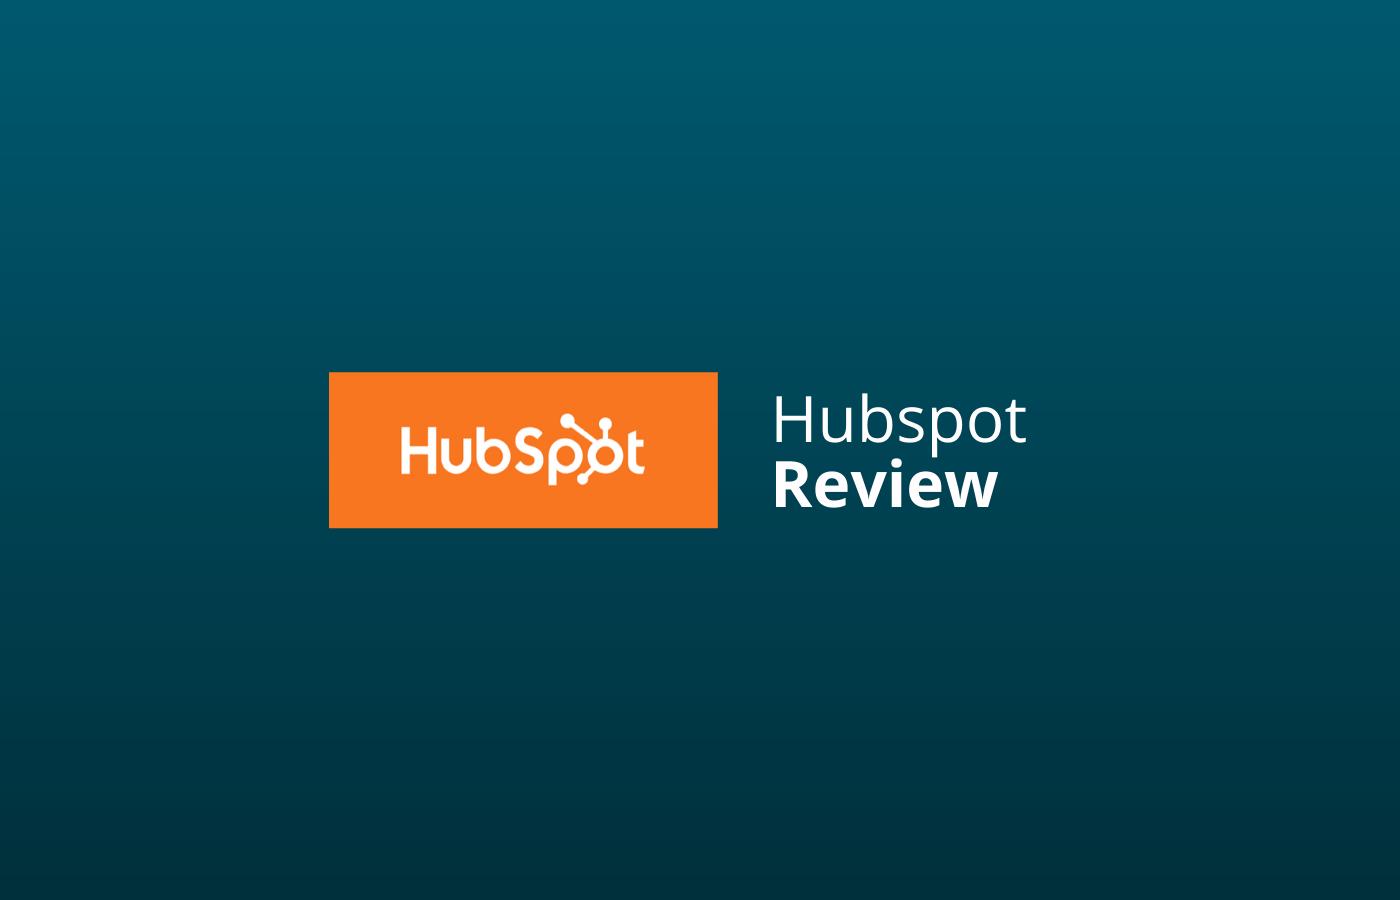 hubspot ervaringen review